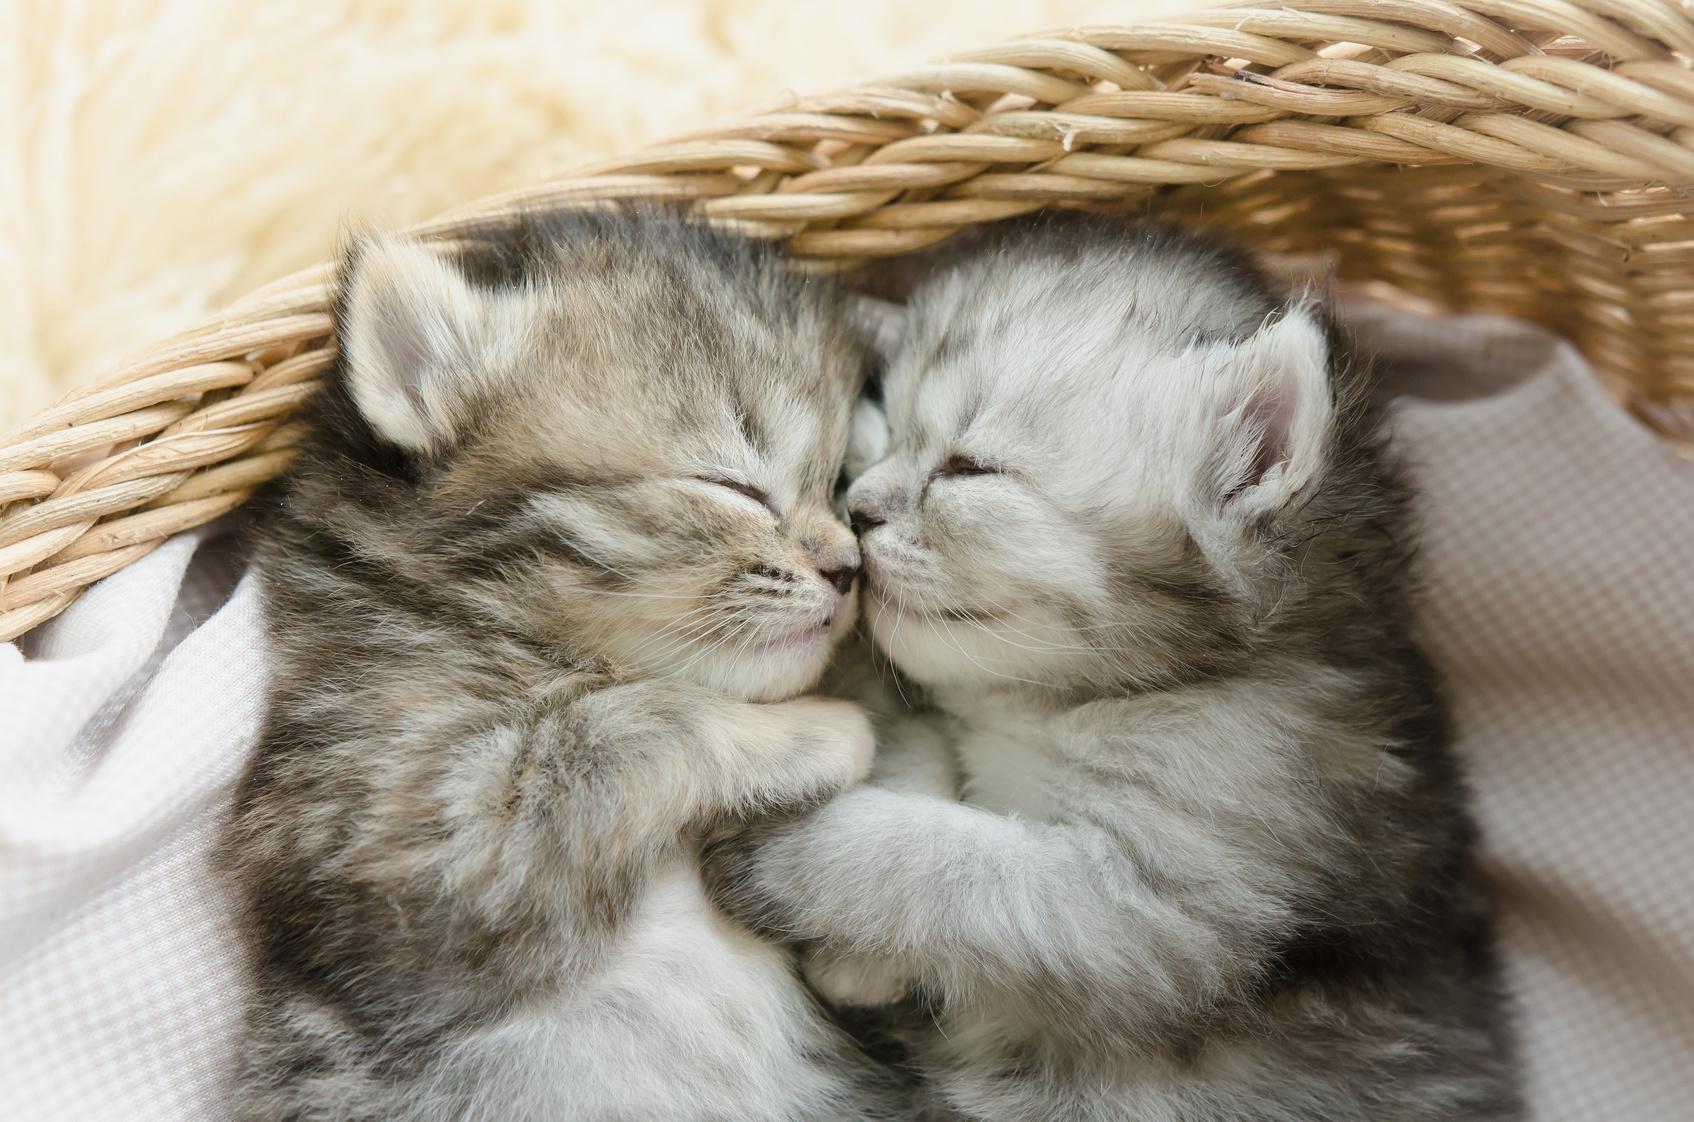 あなたの猫は何処で寝る?寝場所でわかる猫とあなたの関係性♪